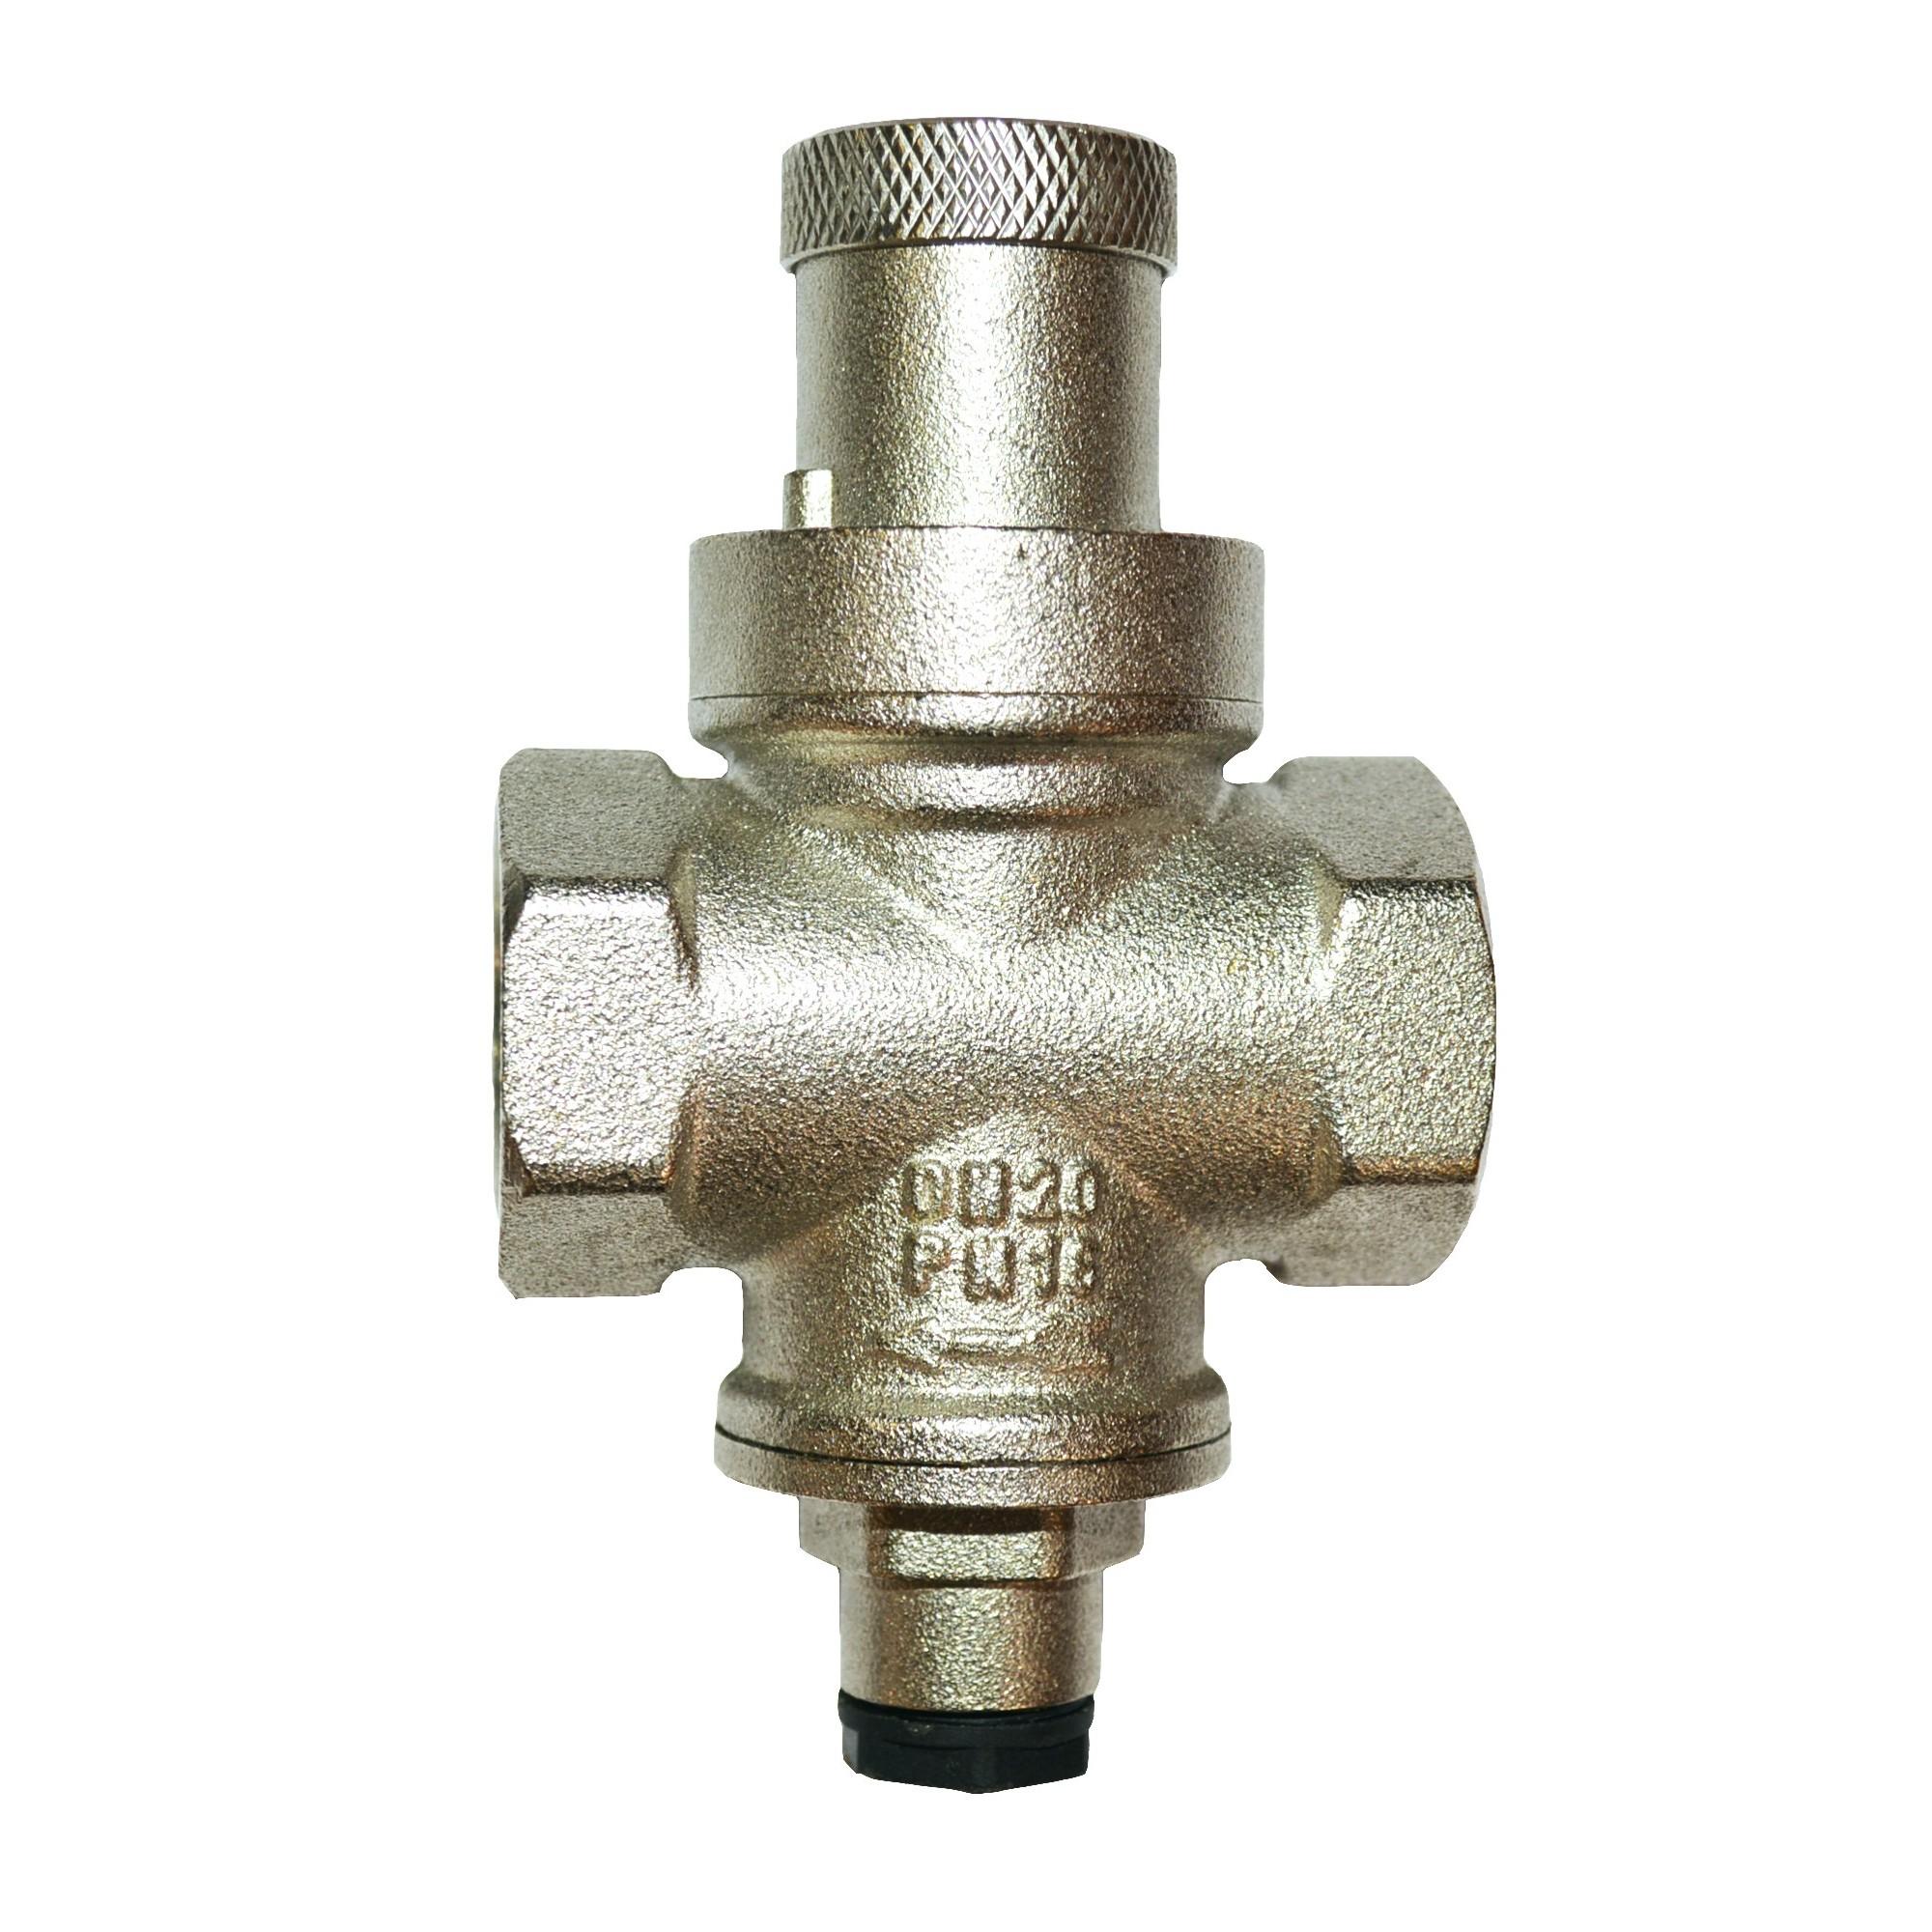 Редуктор давления 3/4 для водопровода под монометр J.G. 501 J.G. - 1